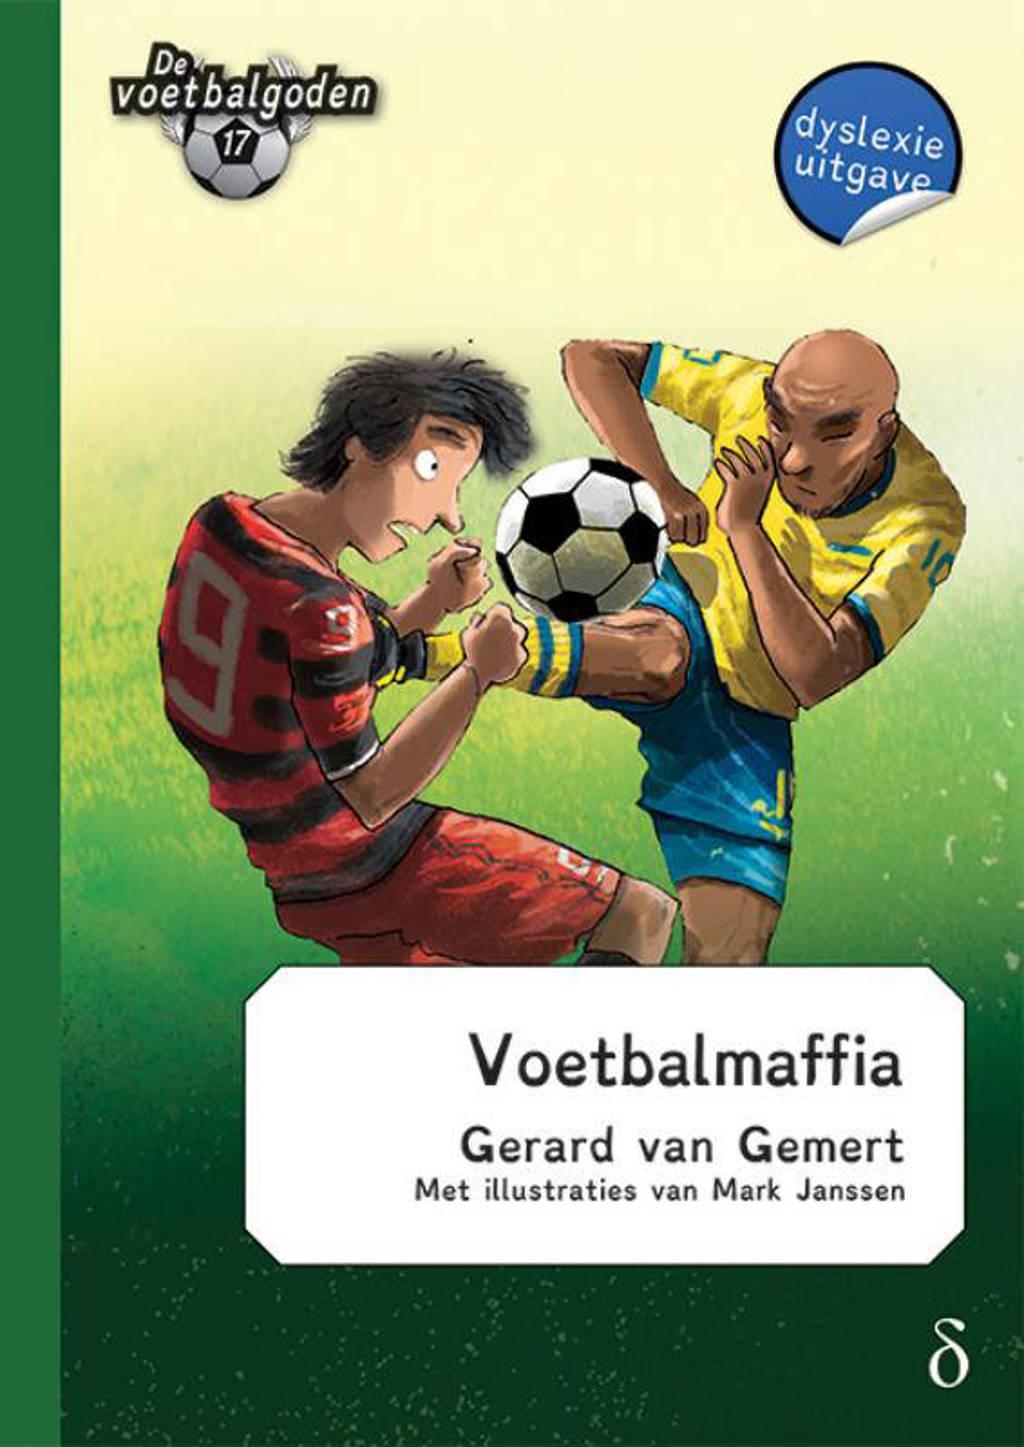 De voetbalgoden: Voetbalmaffia - Gerard van Gemert